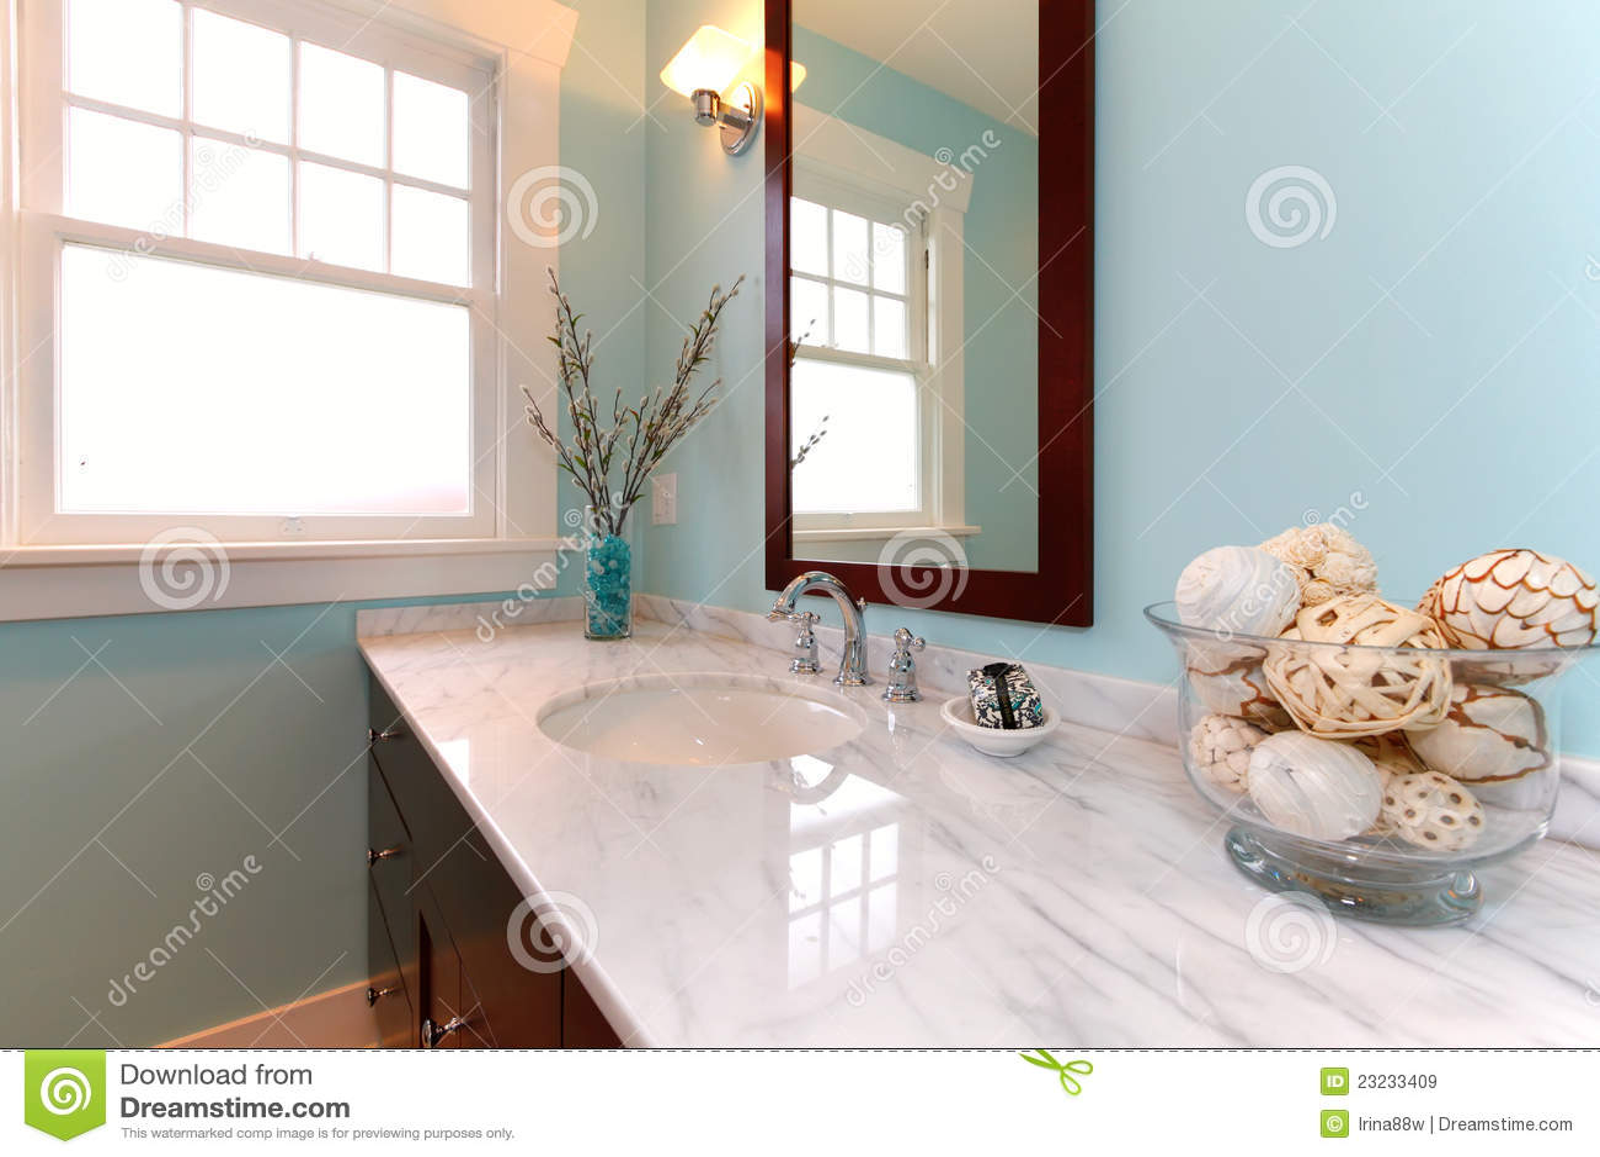 Cuarto de ba o azul con el fregadero de m rmol blanco imagen de archivo imagen de cielo - Fregadero marmol ...